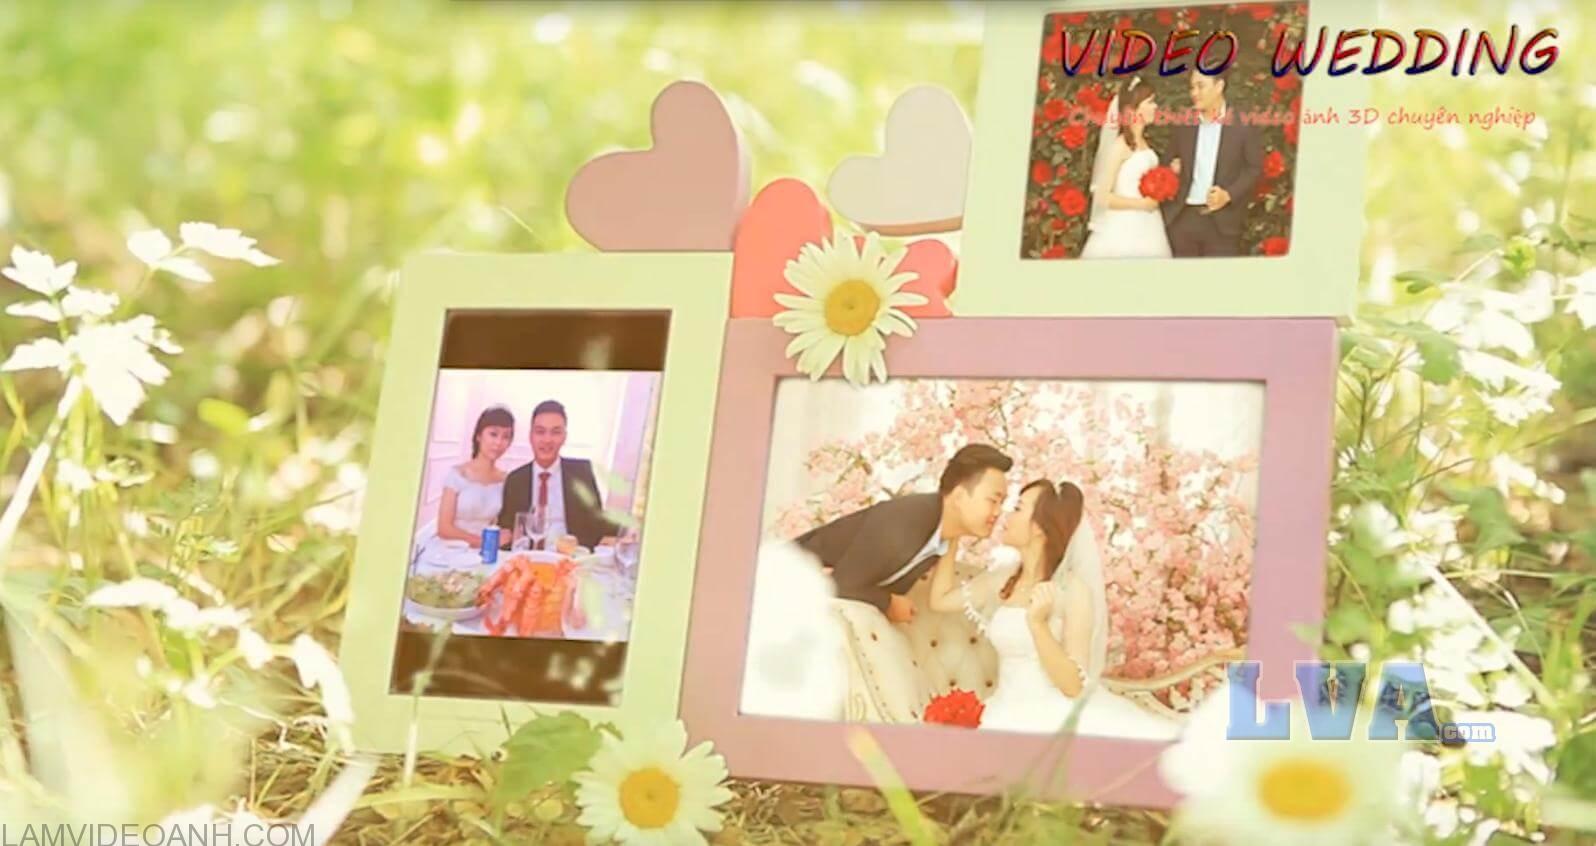 Video ảnh cưới 3D chân thực